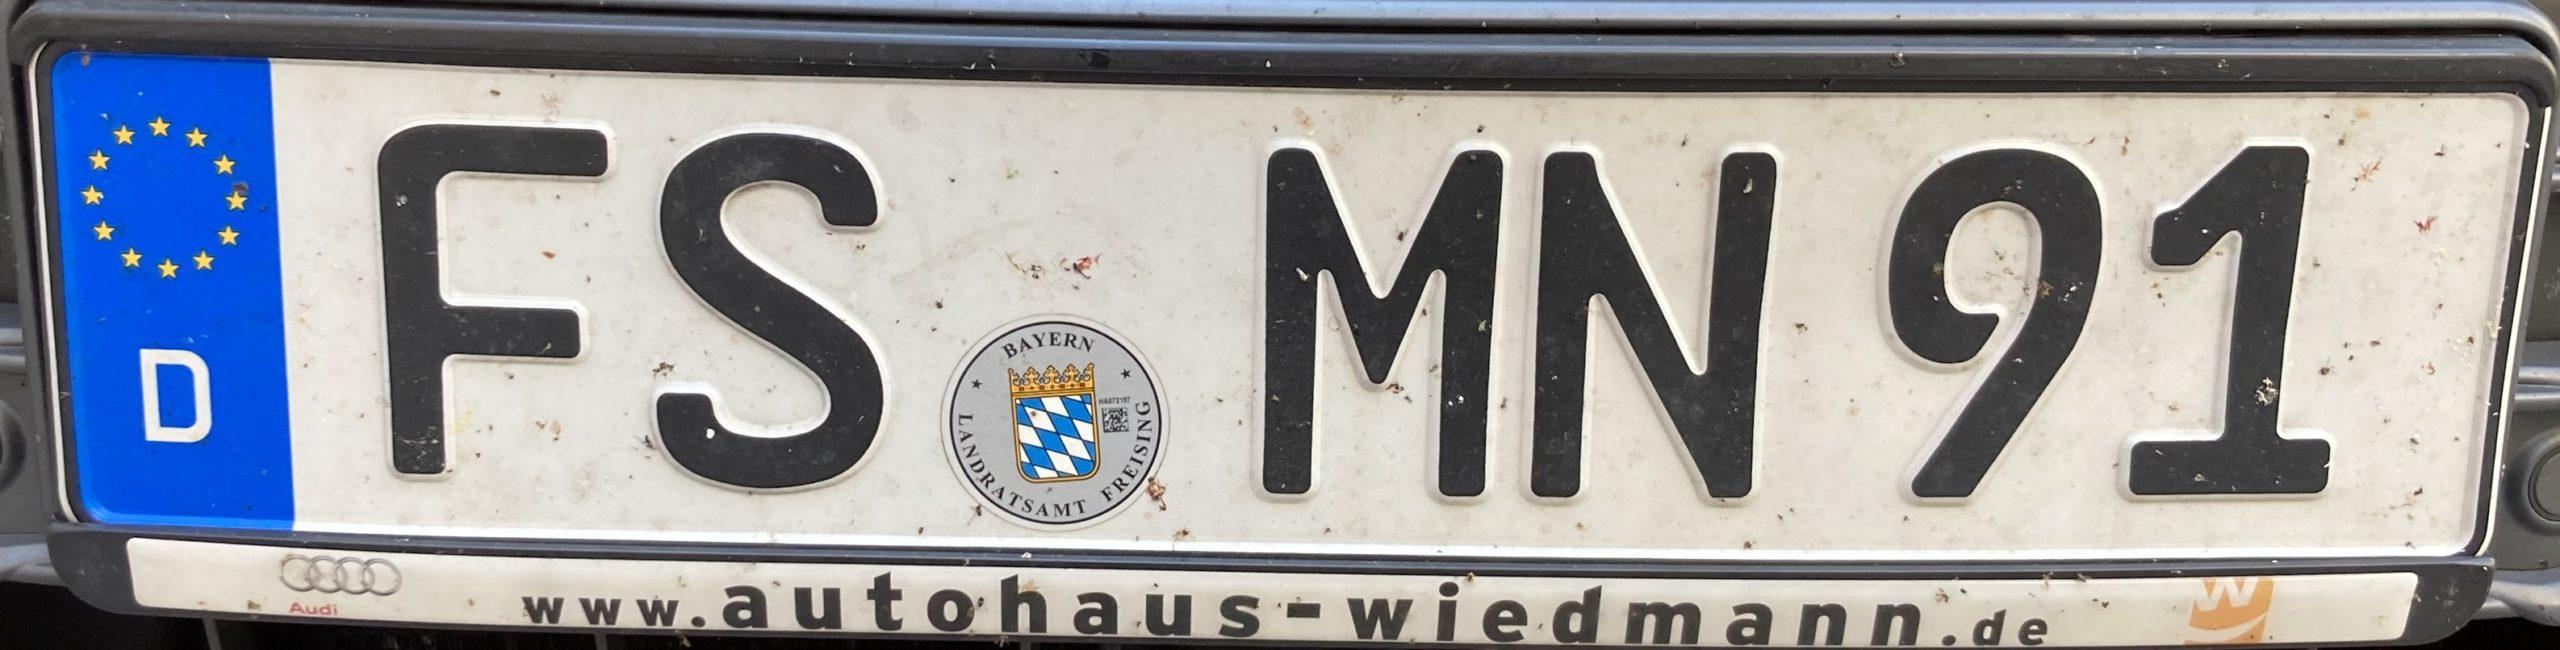 Registrační značky Německo - FS - Freising, foto: www.podalnici.cz